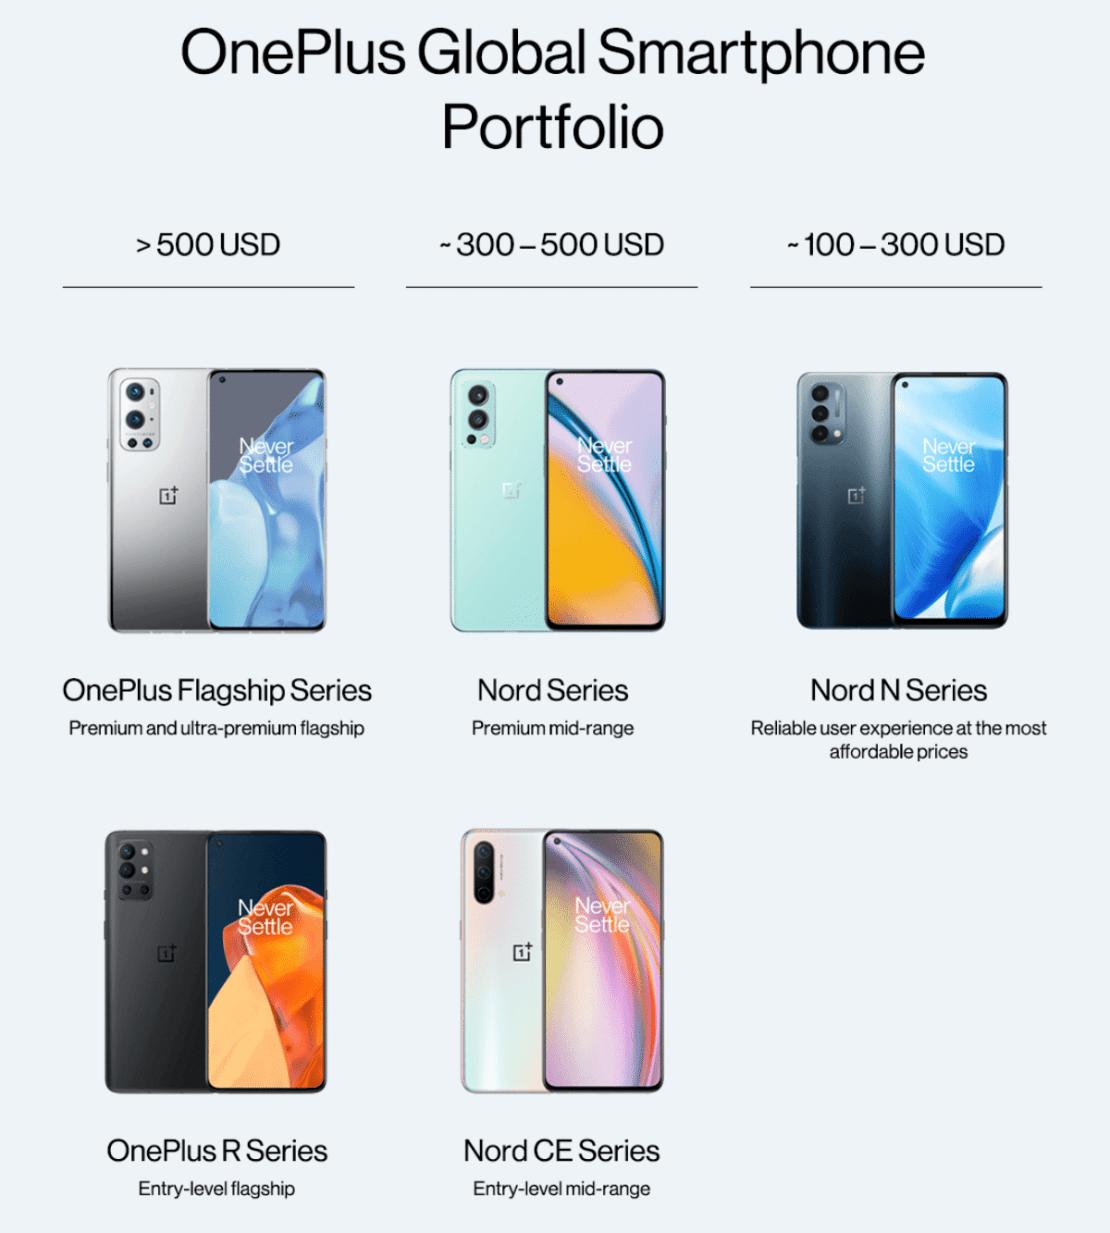 Portfolio marki OnePlus na świecie (2021)